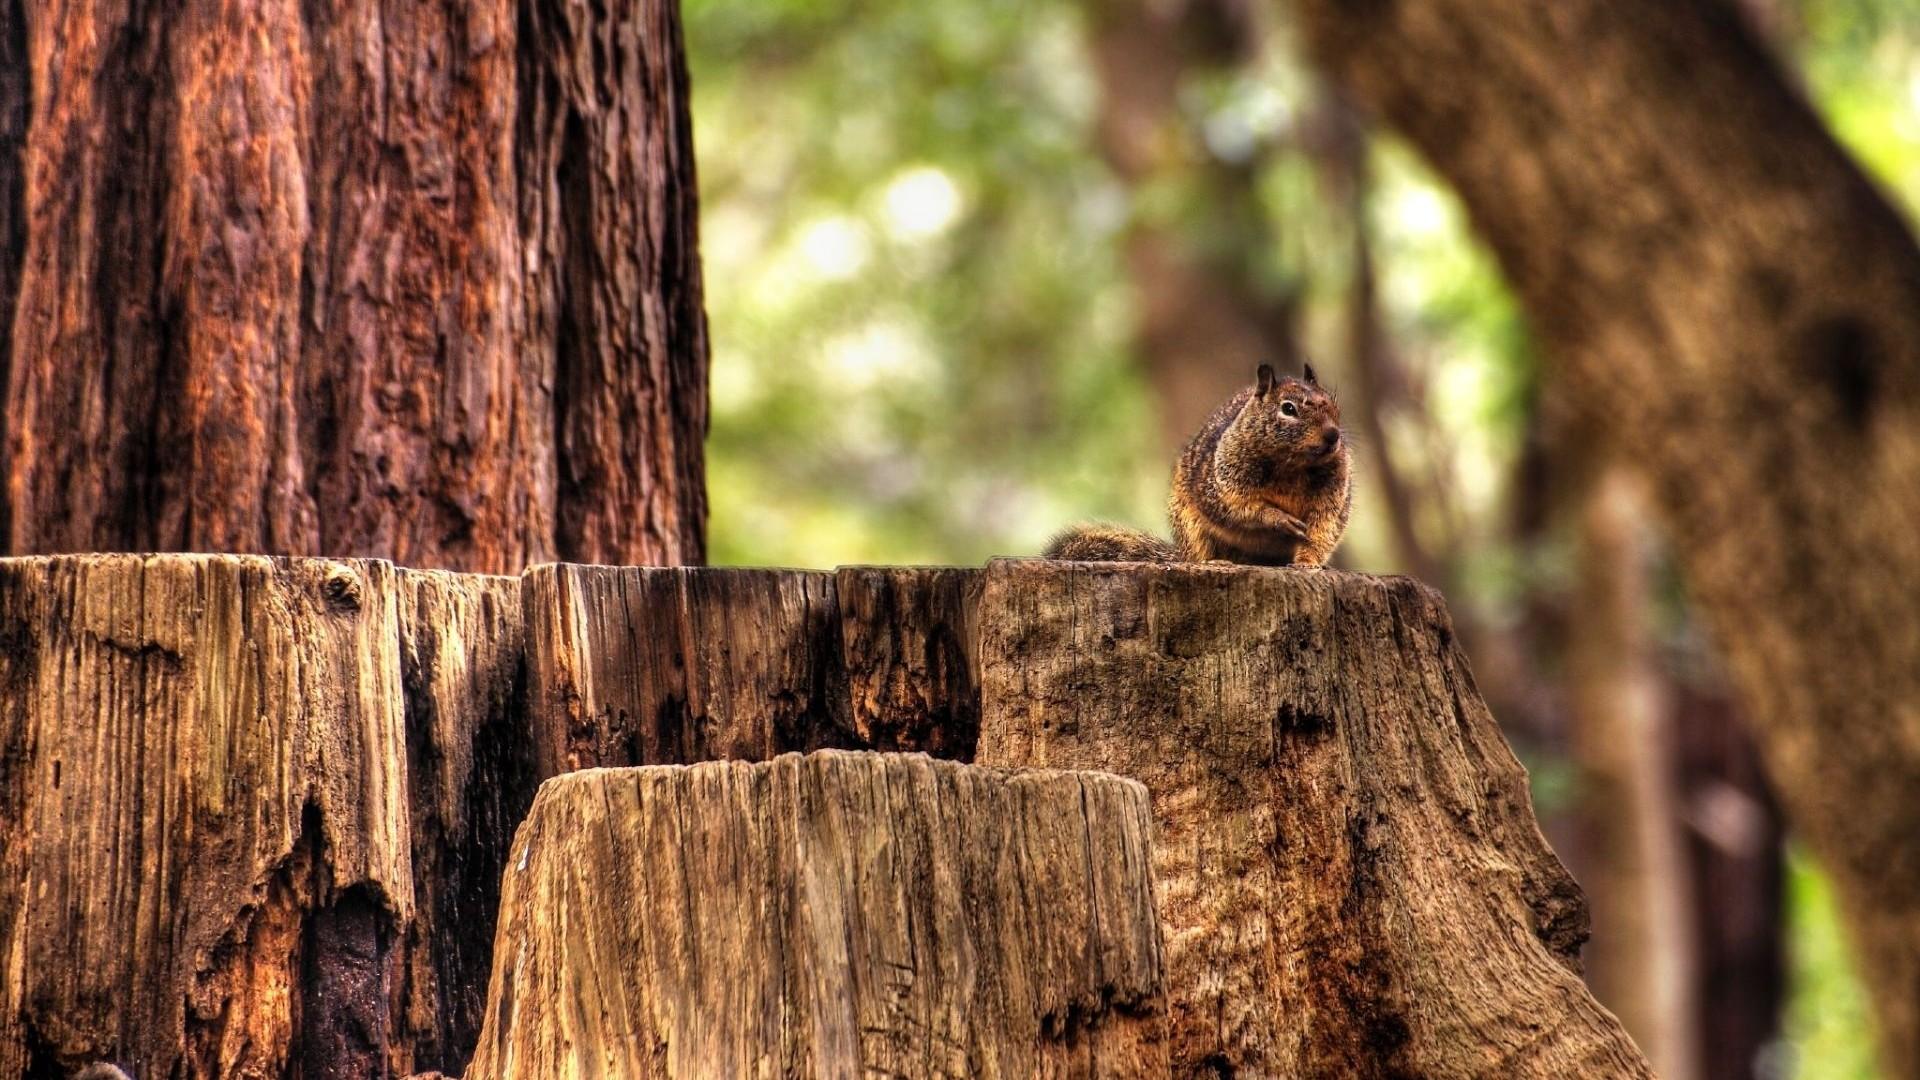 Wallpaper squirrel, hemp, sitting, animal, forest